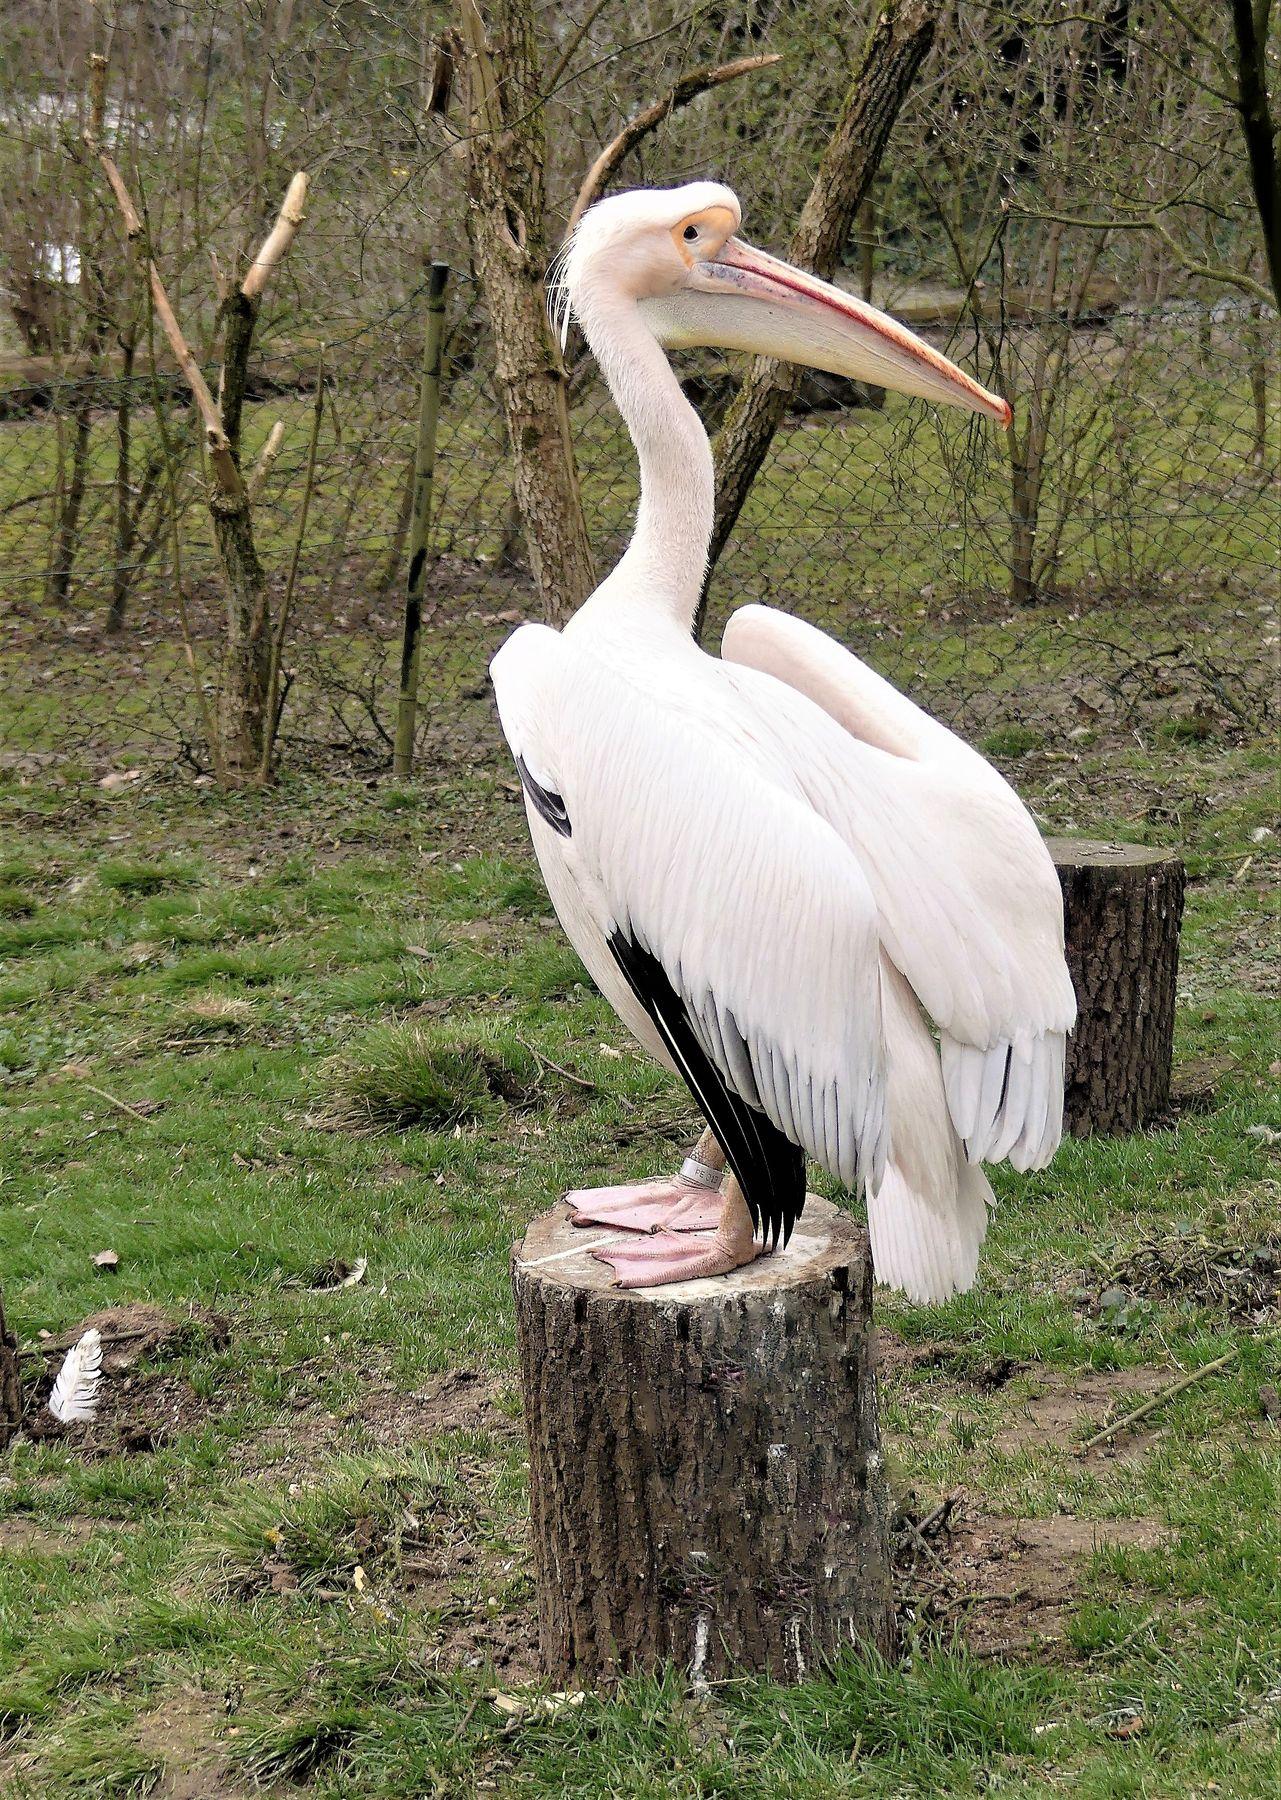 И оглянулась я, чтобы посмотреть не оглянулся ли он Зоопарк пеликан